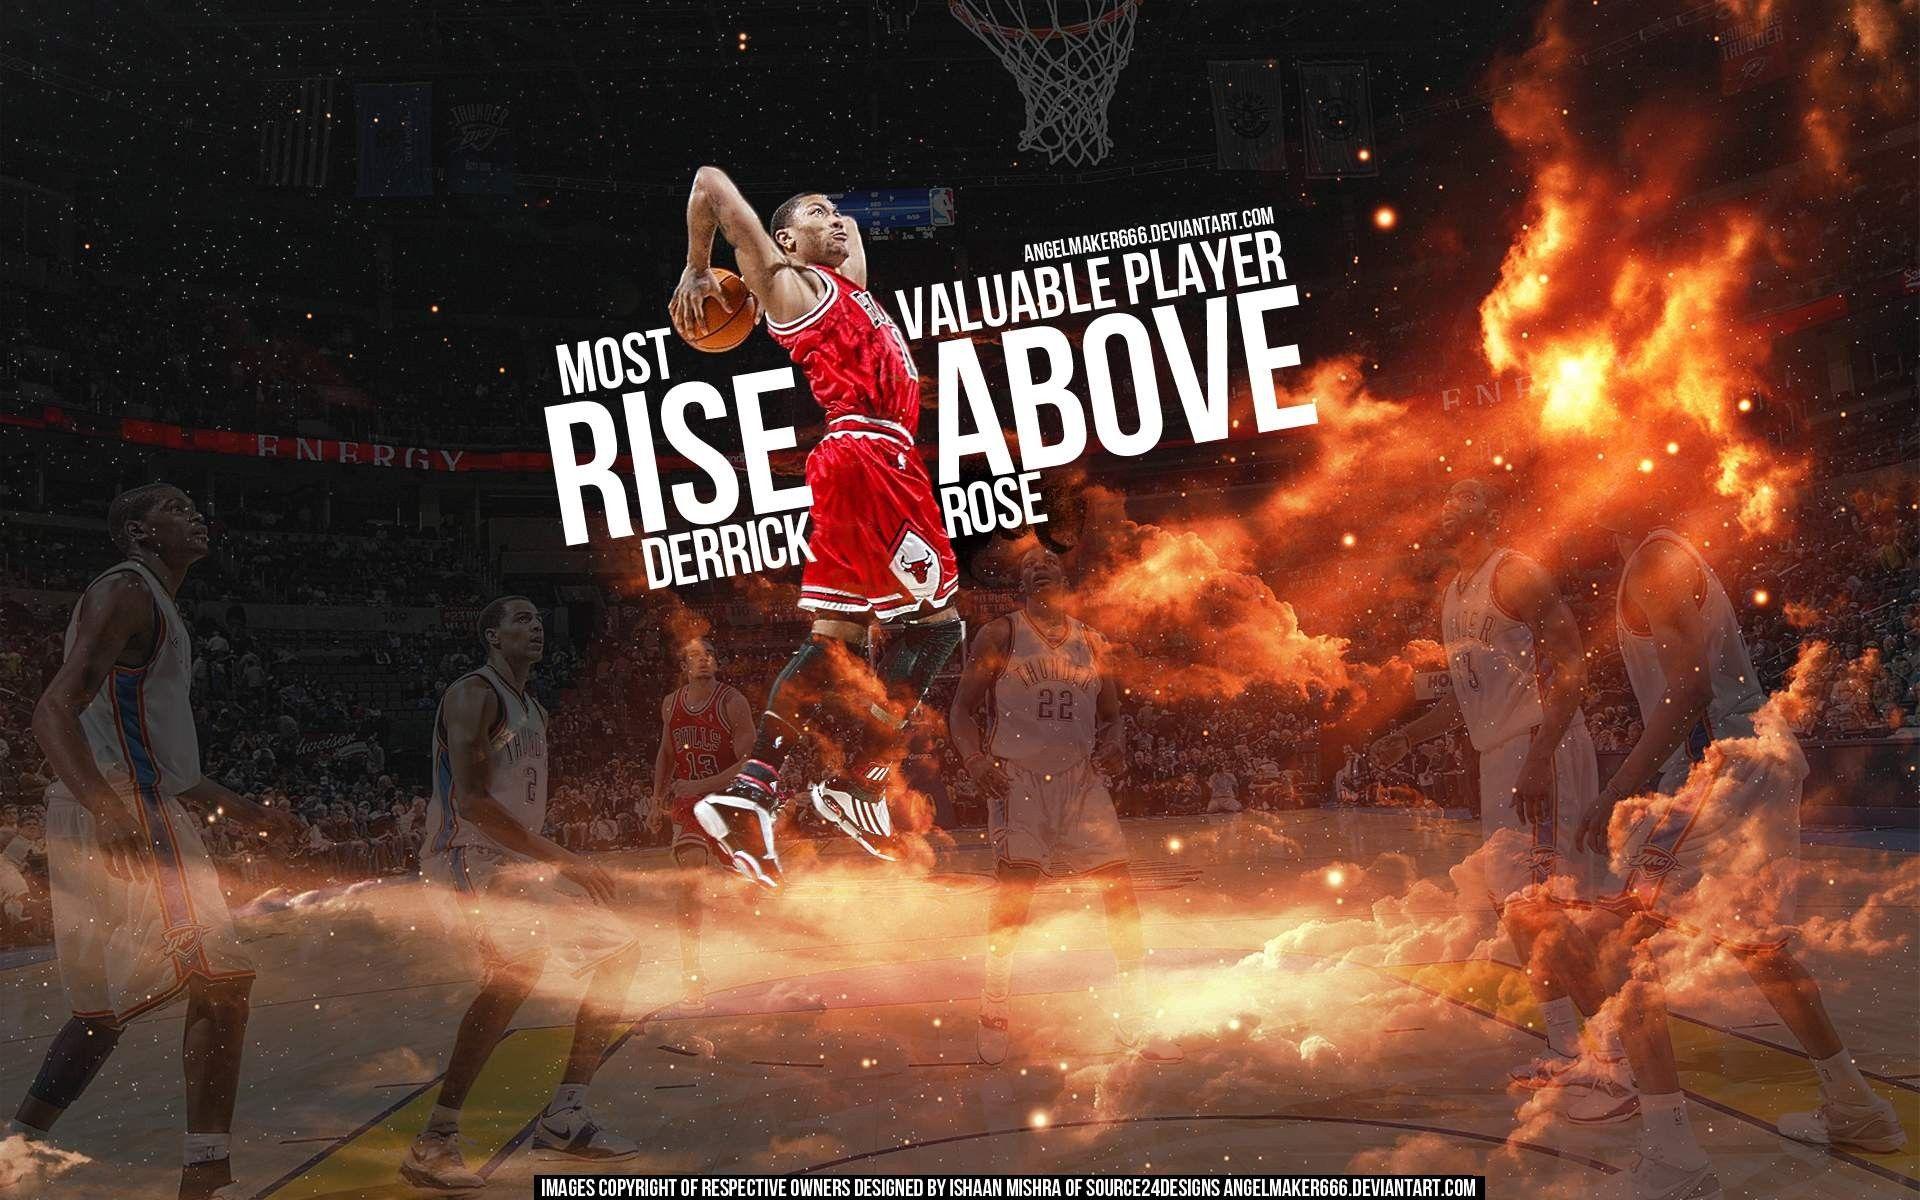 Nba You Are Going Over Fire Slam Dunk Nba Basketball Derrick Rose Cloud Derrick Rose Wallpapers Derrick Rose Chicago Bulls Wallpaper